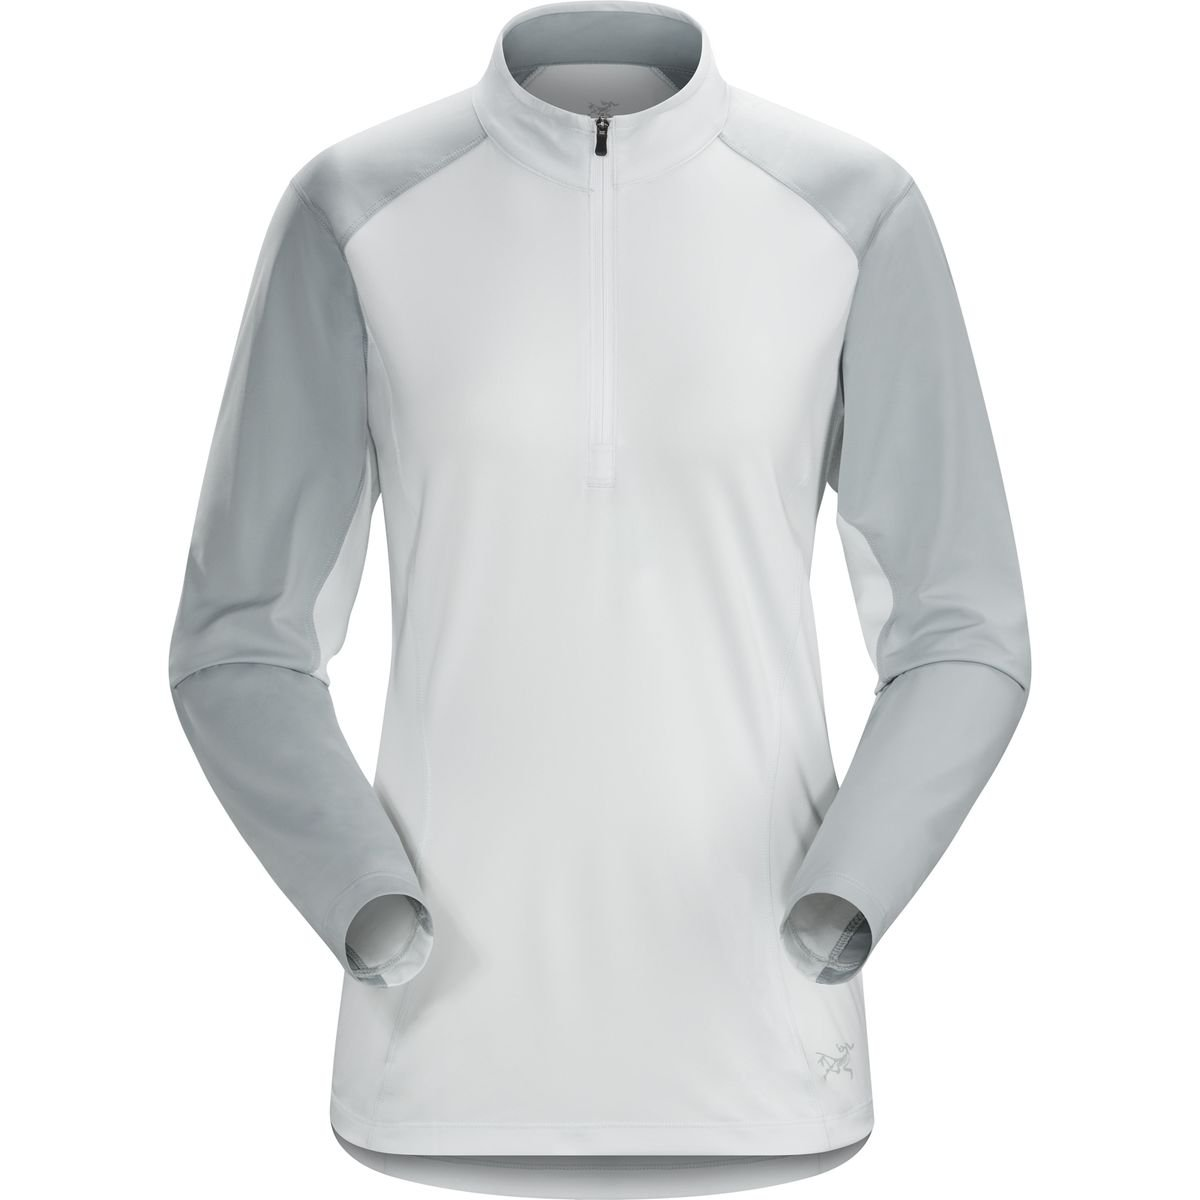 (アークテリクス) Arc'teryx Skeena Zip-Neck Shirt レディース シャツトップスIonic Sky [並行輸入品] M Ionic Sky B077N3KTGR